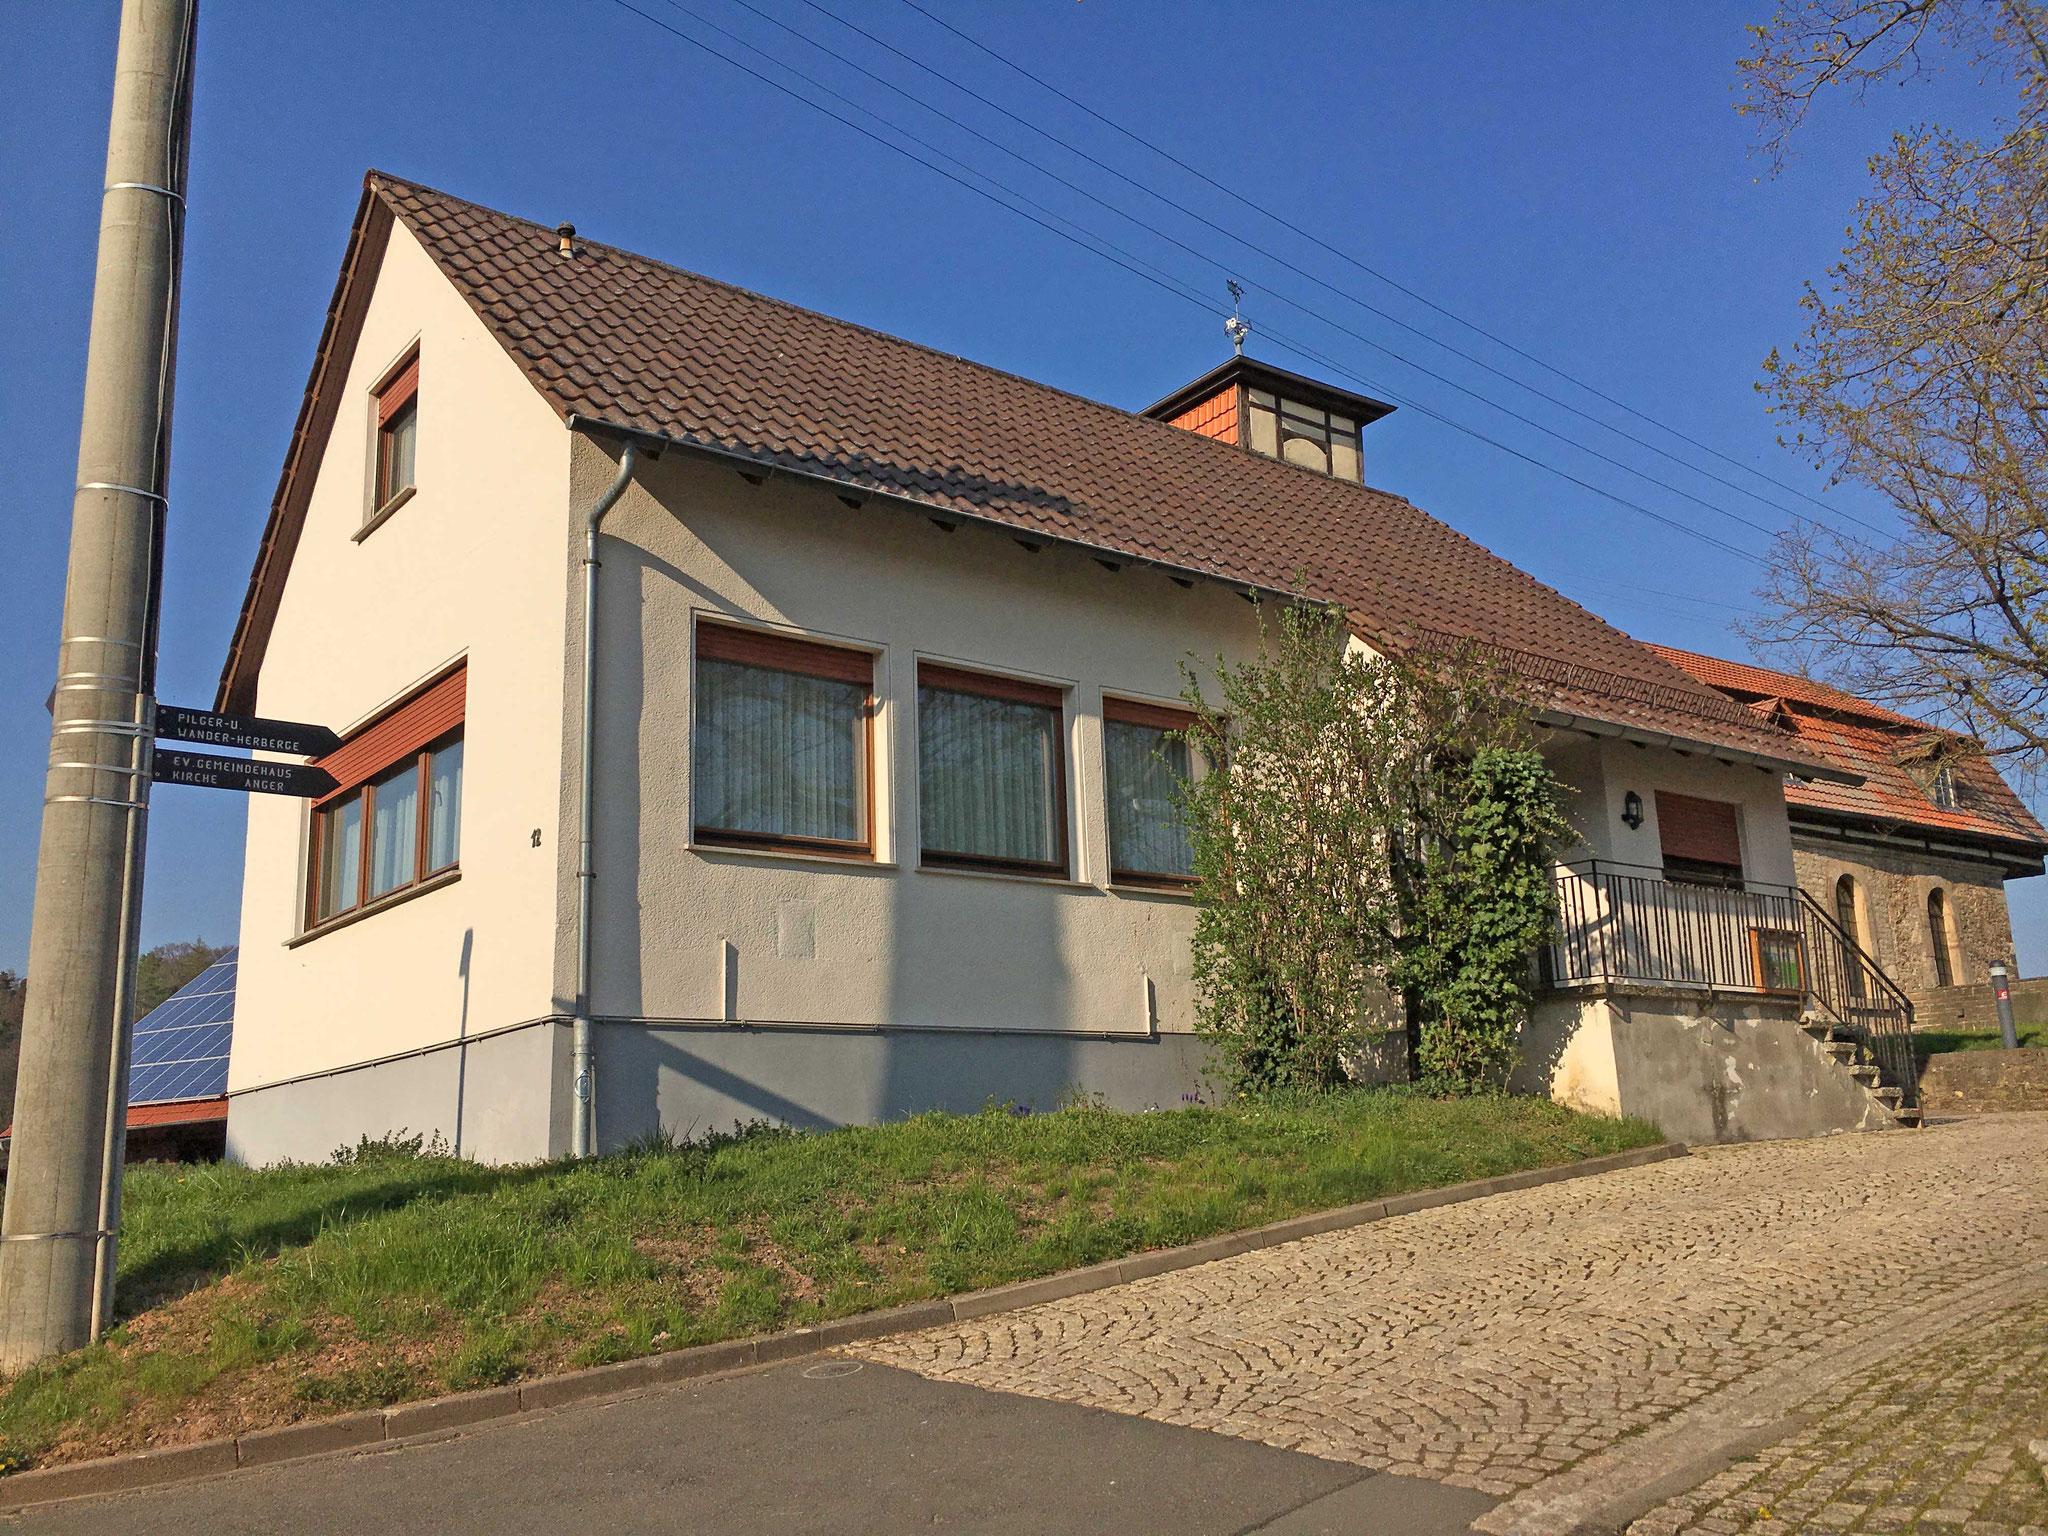 Evangelisches Gemeindehaus, Eichenbergstraße 12 in 37296 Ringgau-Lüderbach, Pilger- und Wanderherberge